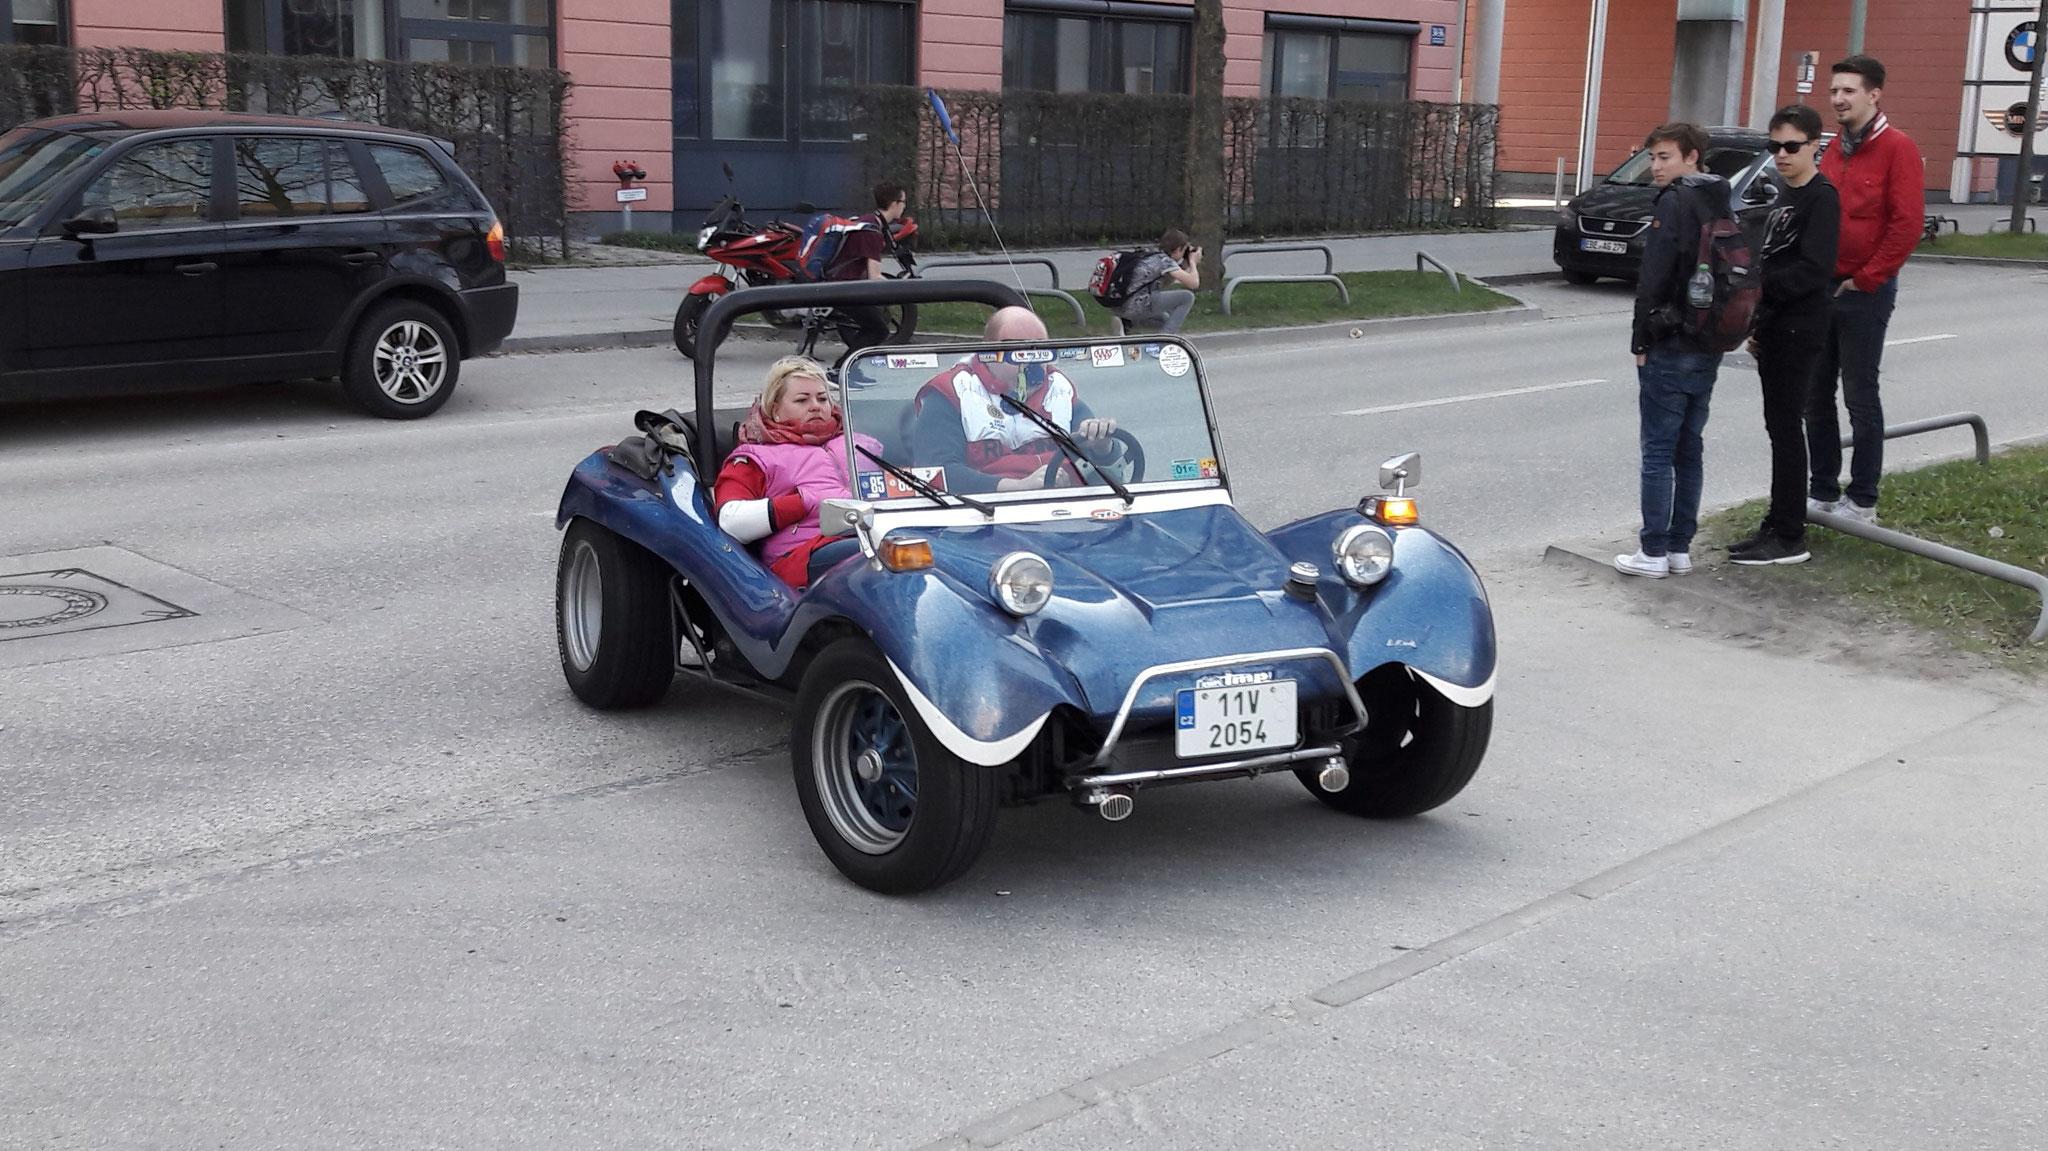 VW Buggy - 11V-2054 (CZ)